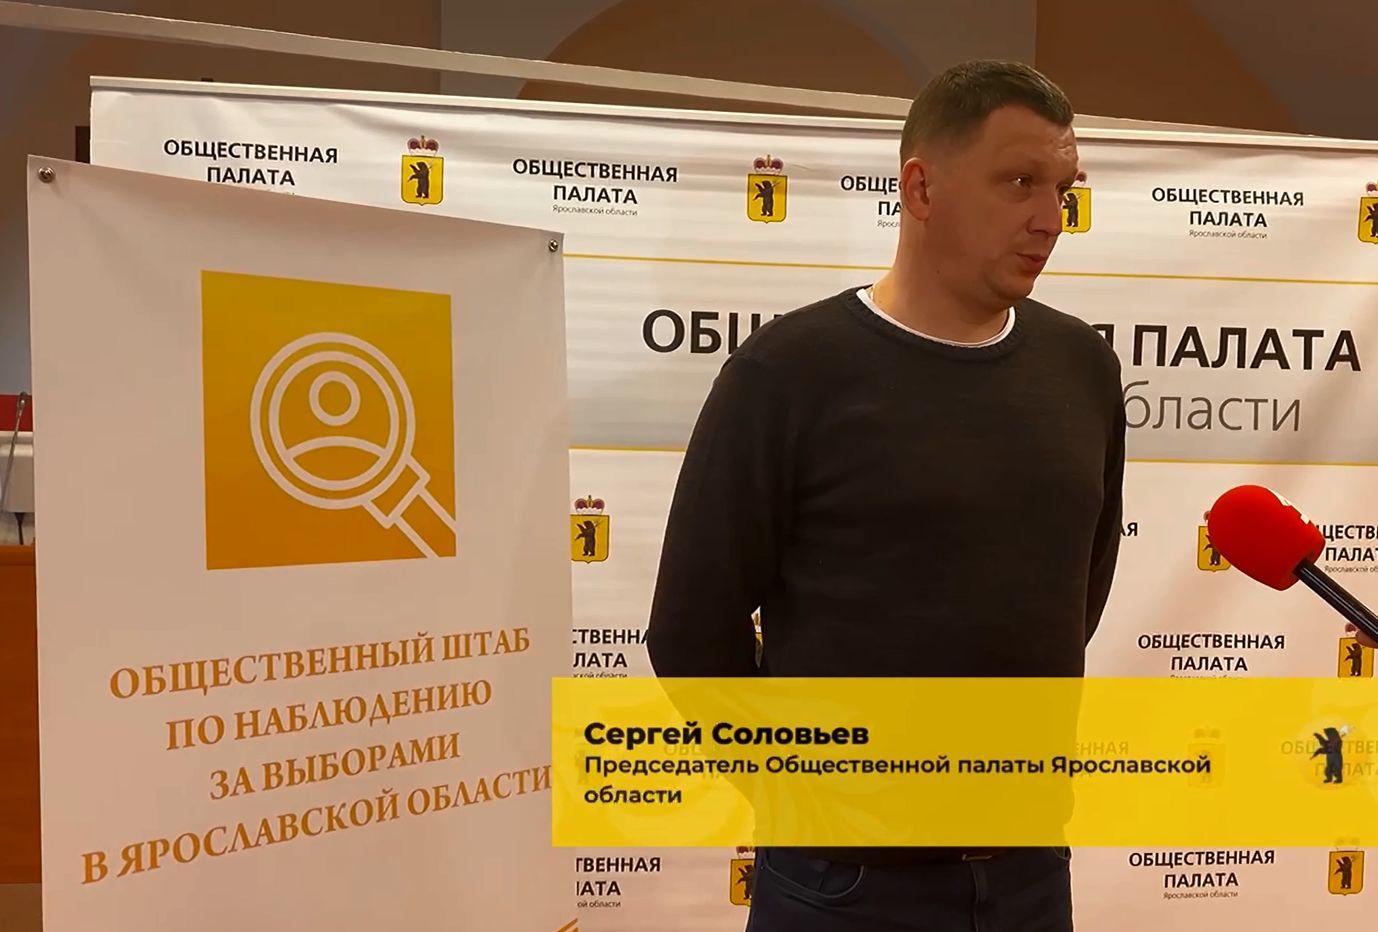 Председатель Общественной палаты Сергей Соловьев рассказал о работе общественных наблюдателей на избирательных участках